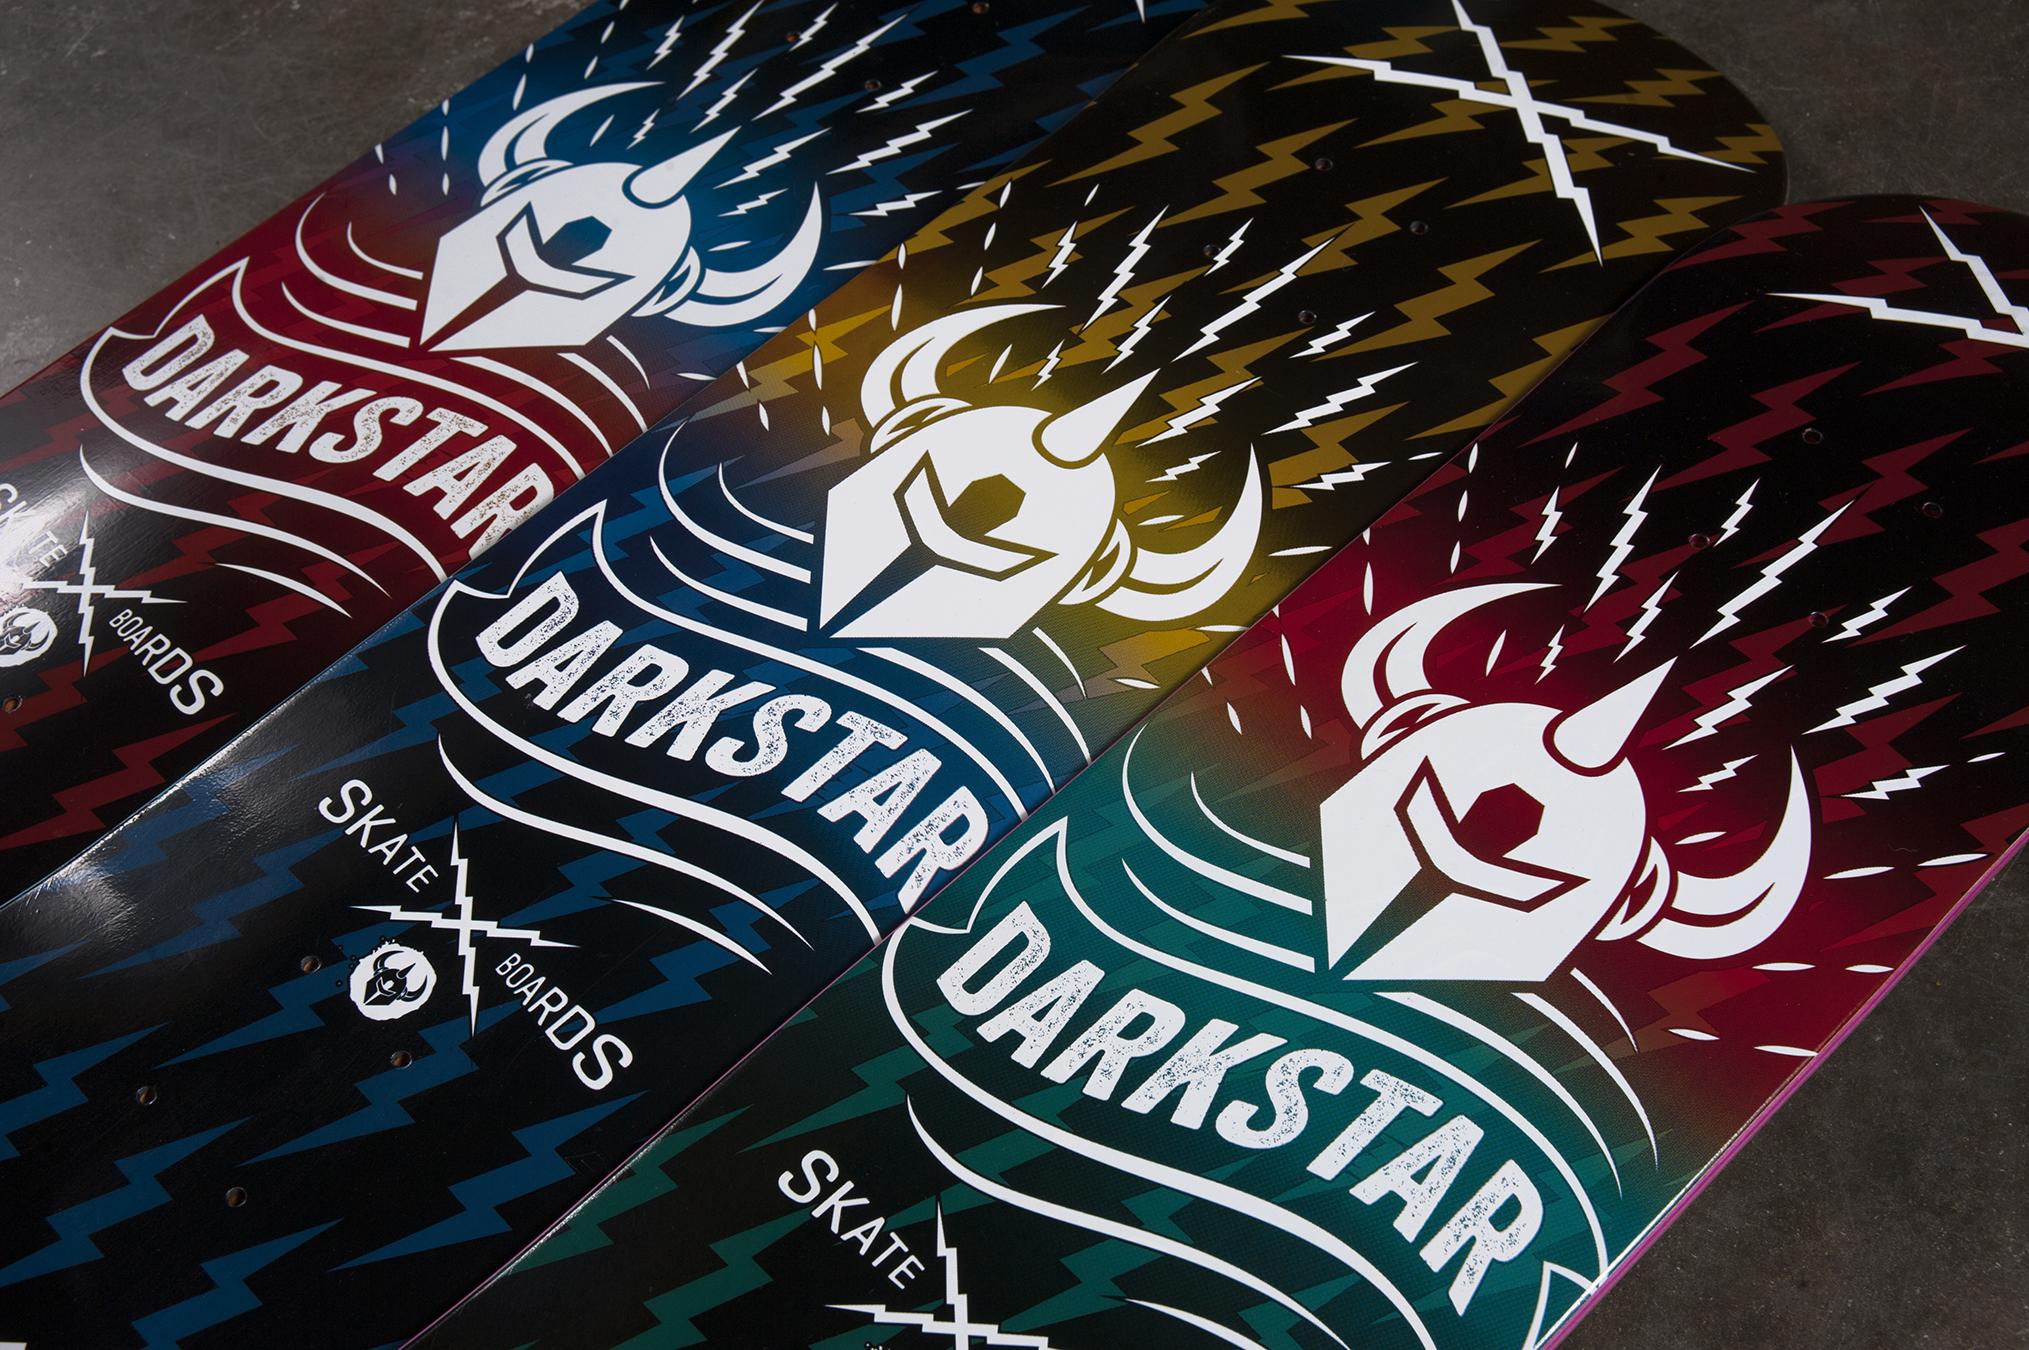 darkstar-skateboards-D4-Axis-Powerdeal1.jpg